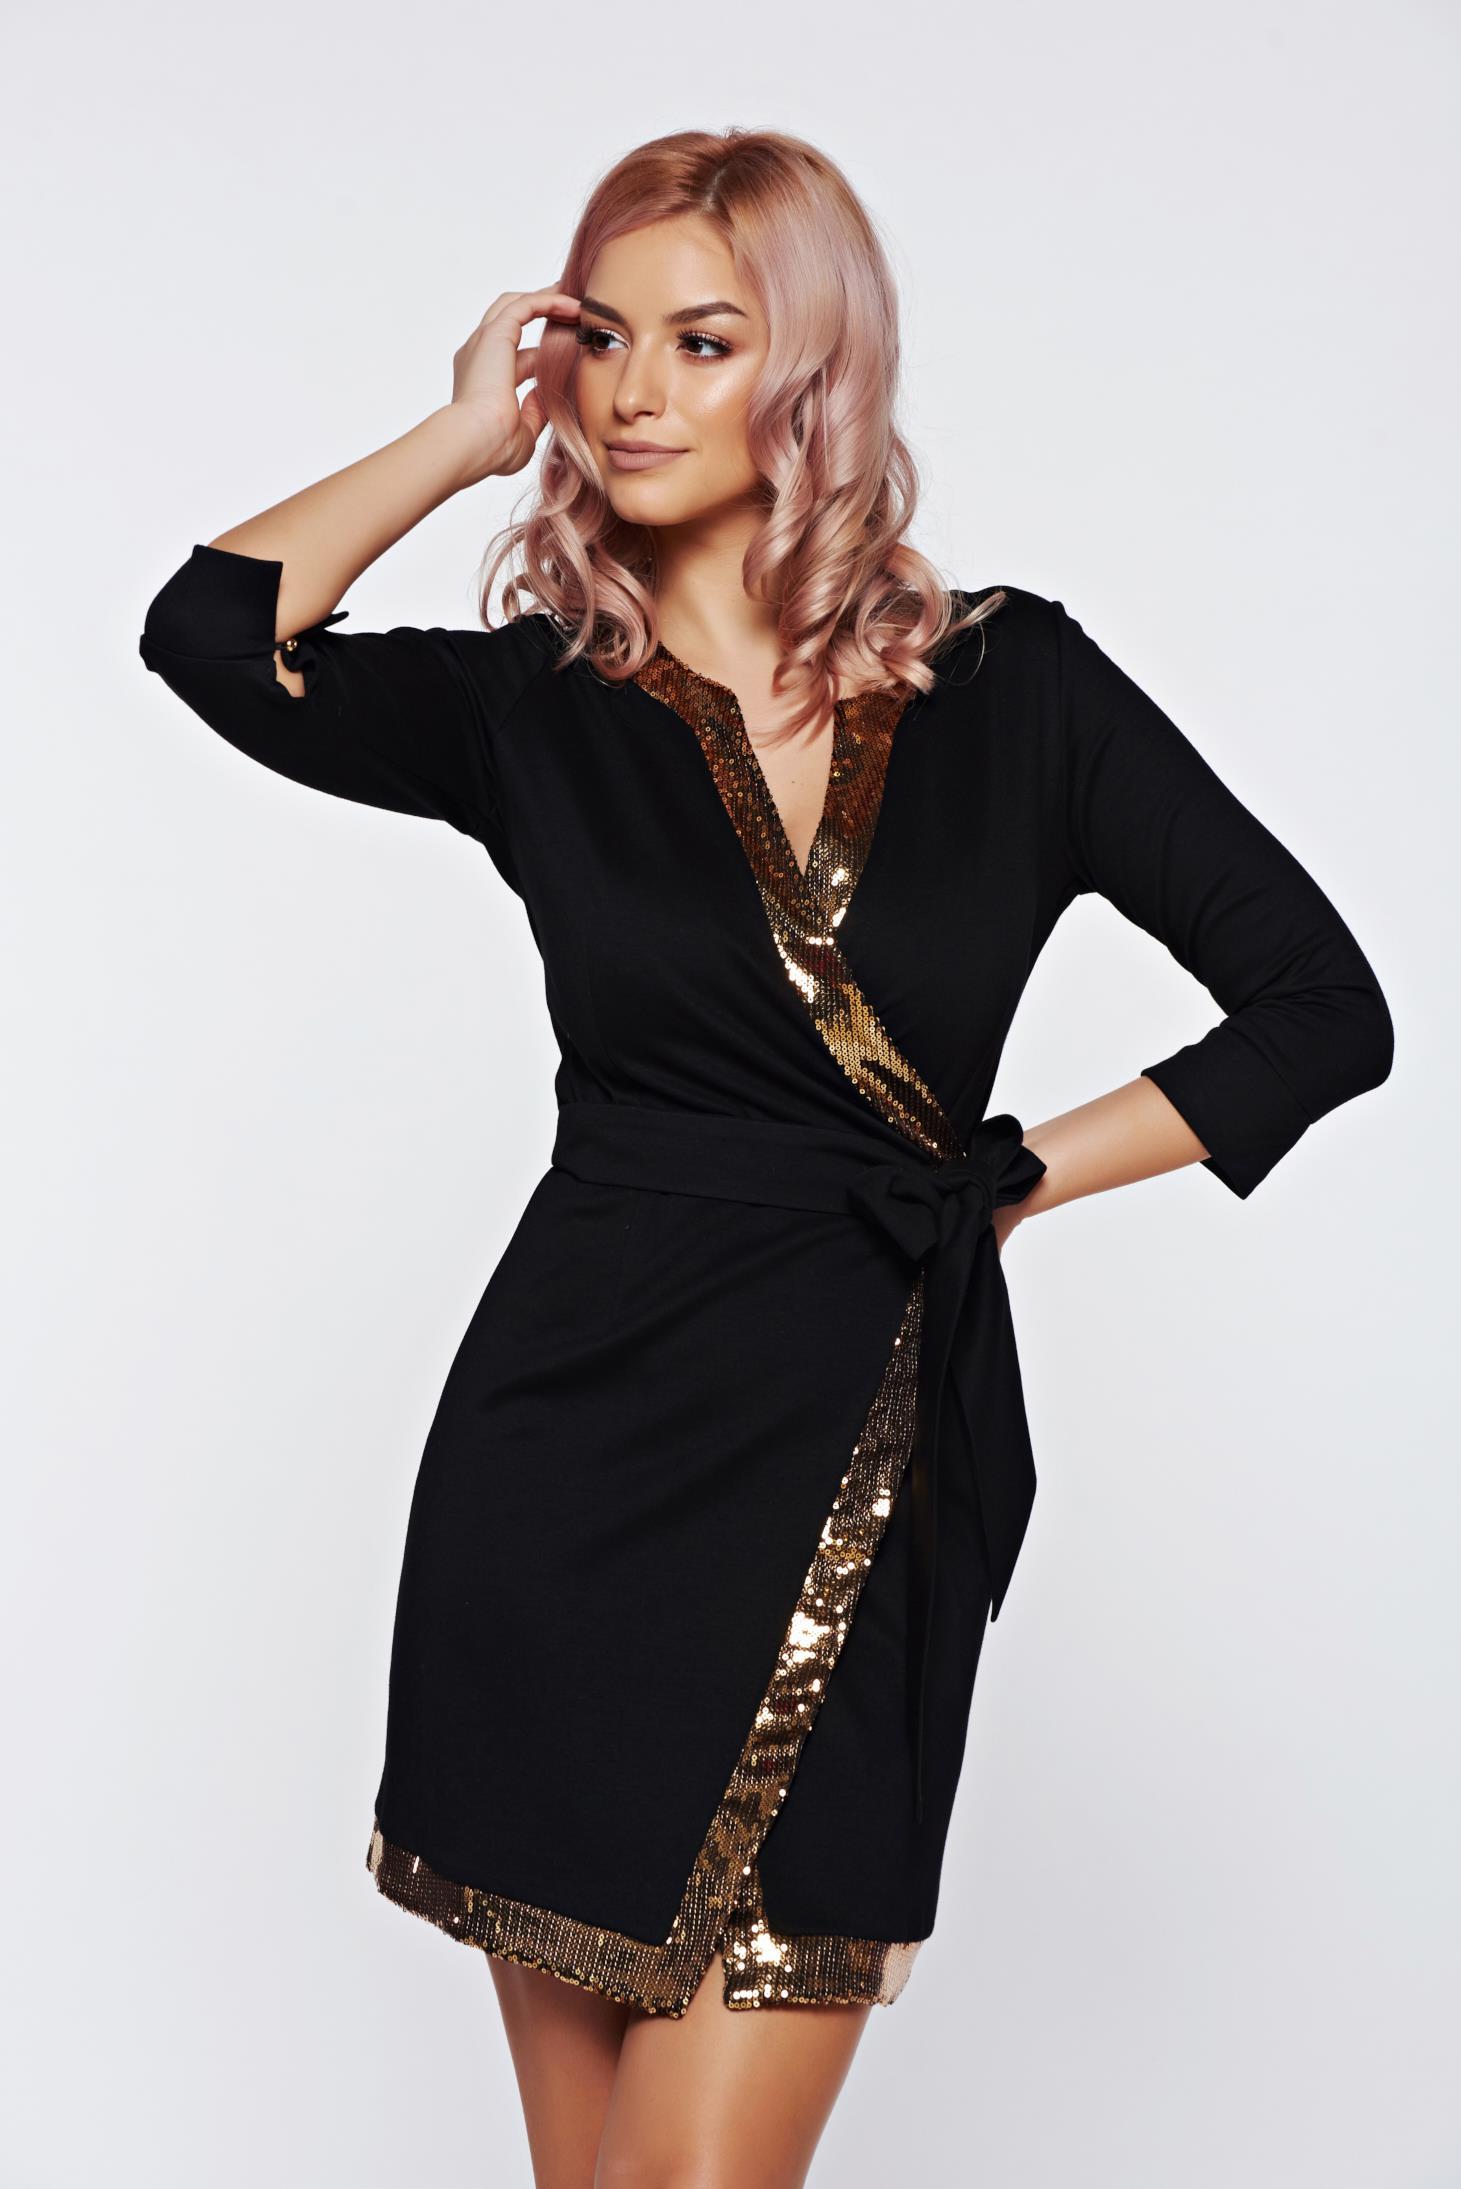 Arany PrettyGirl elegáns átfedéses ruha flitteres díszítés 61c795c7e6